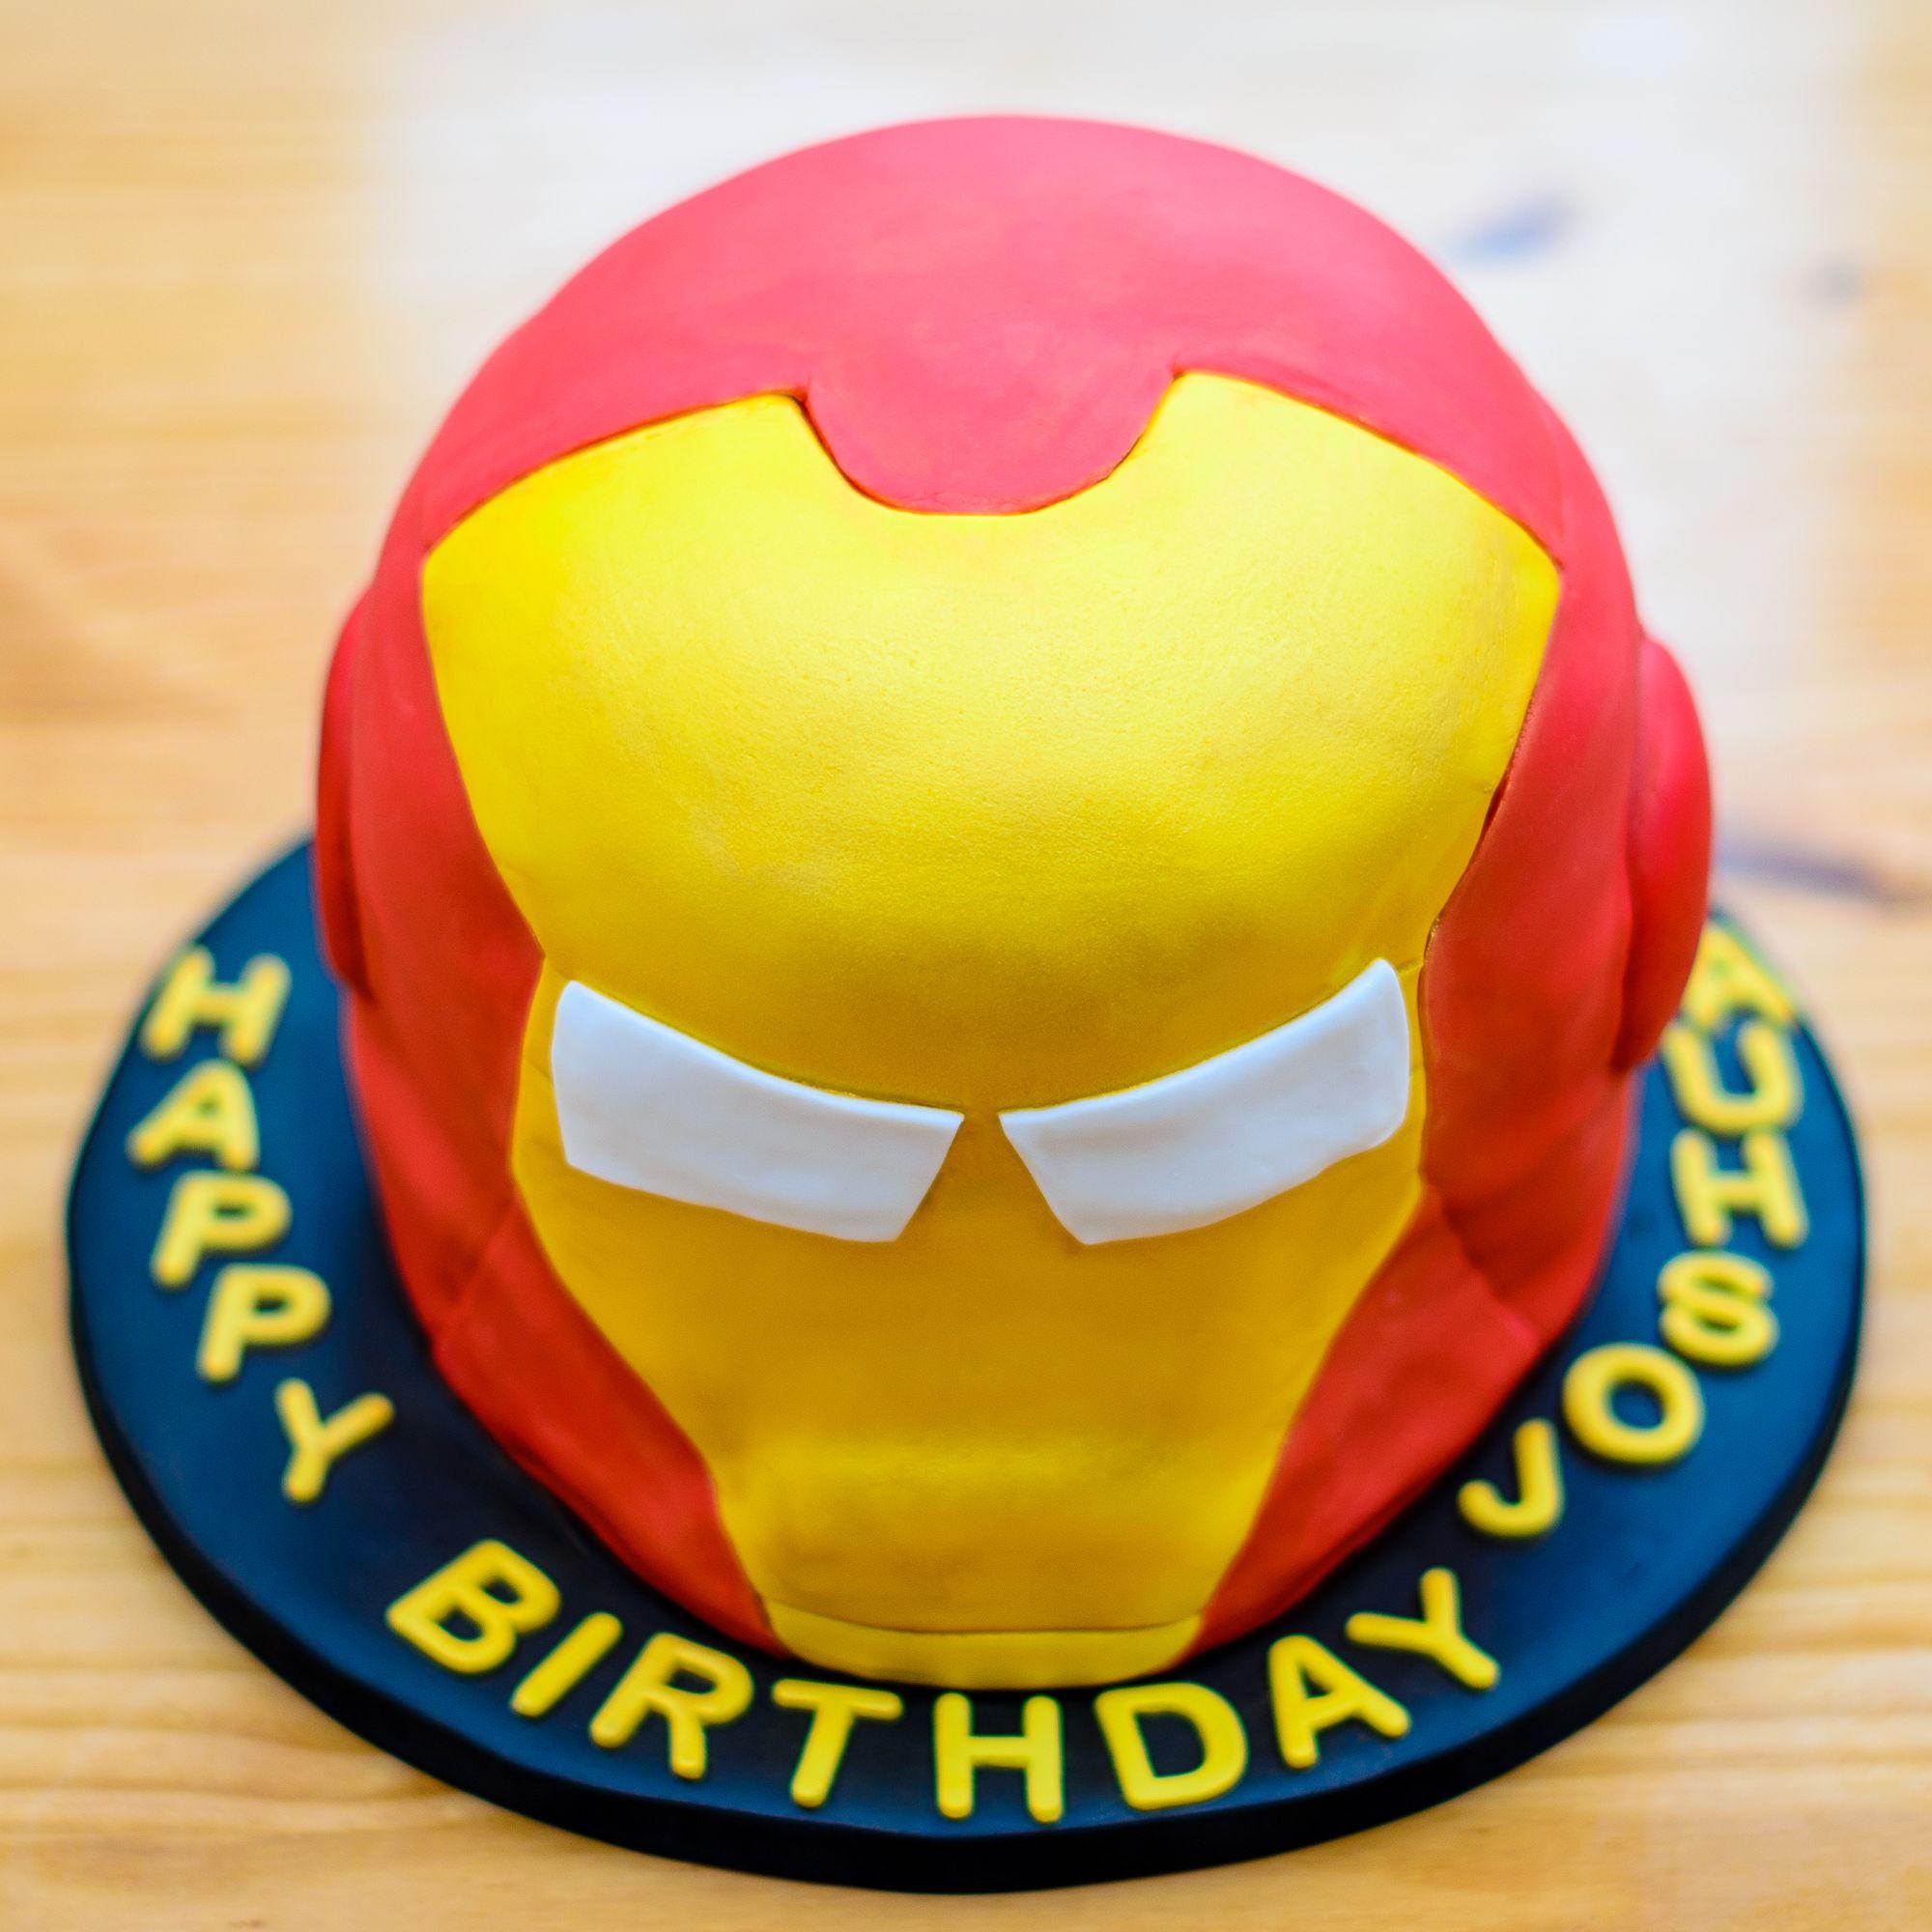 Iron man birthday cake personalised cakes superhero